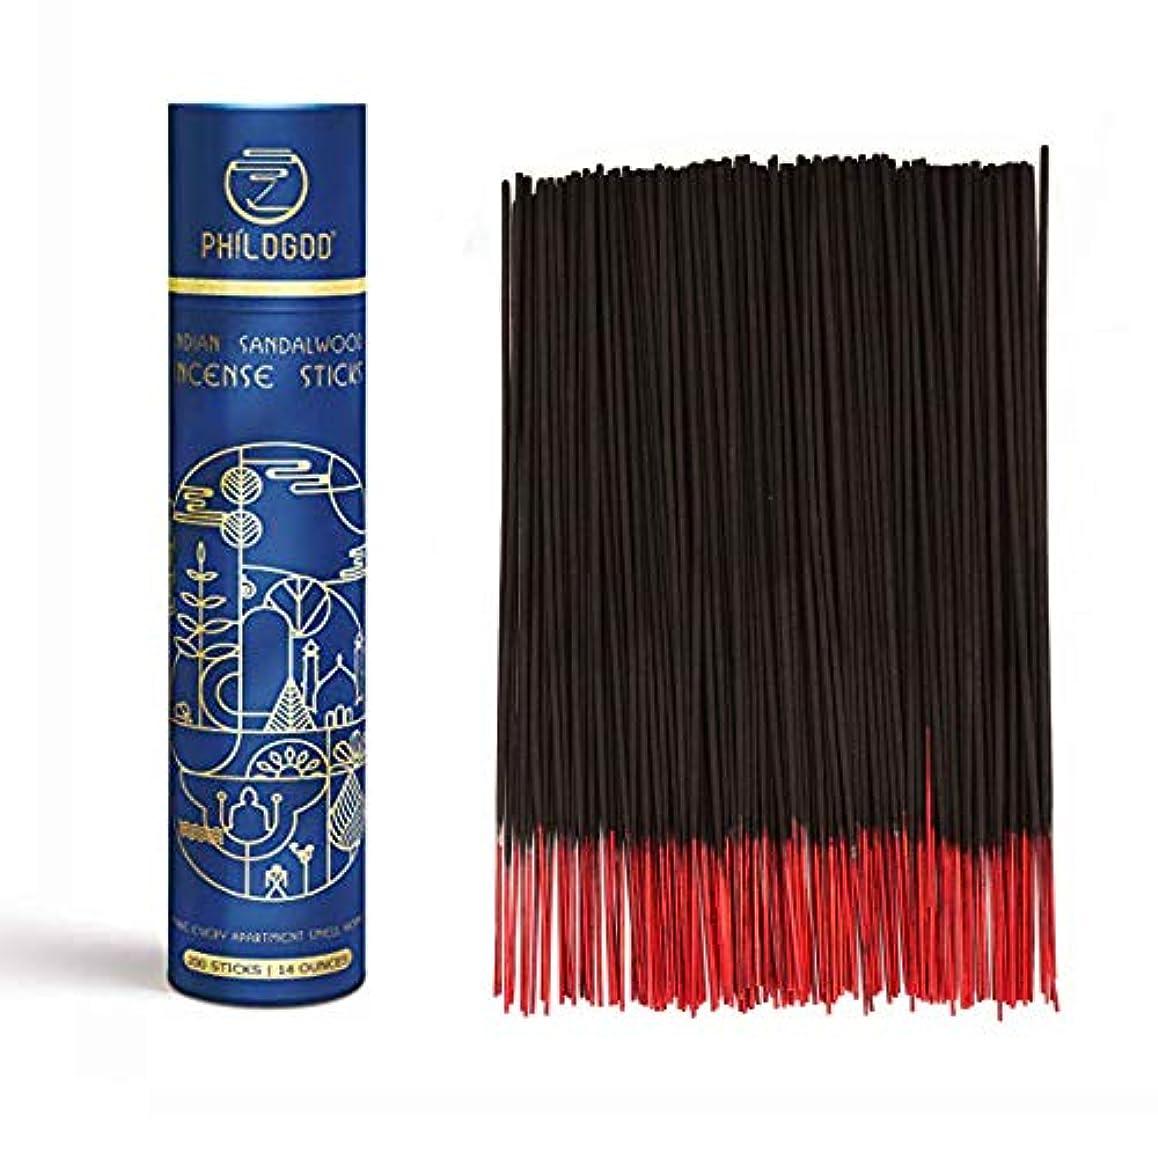 季節麻痺させる受動的上質なインドお香スティック 手作り 100%ナチュラル 長続く線香 ヨガ瞑想 200本入れ (オリエンタル系)